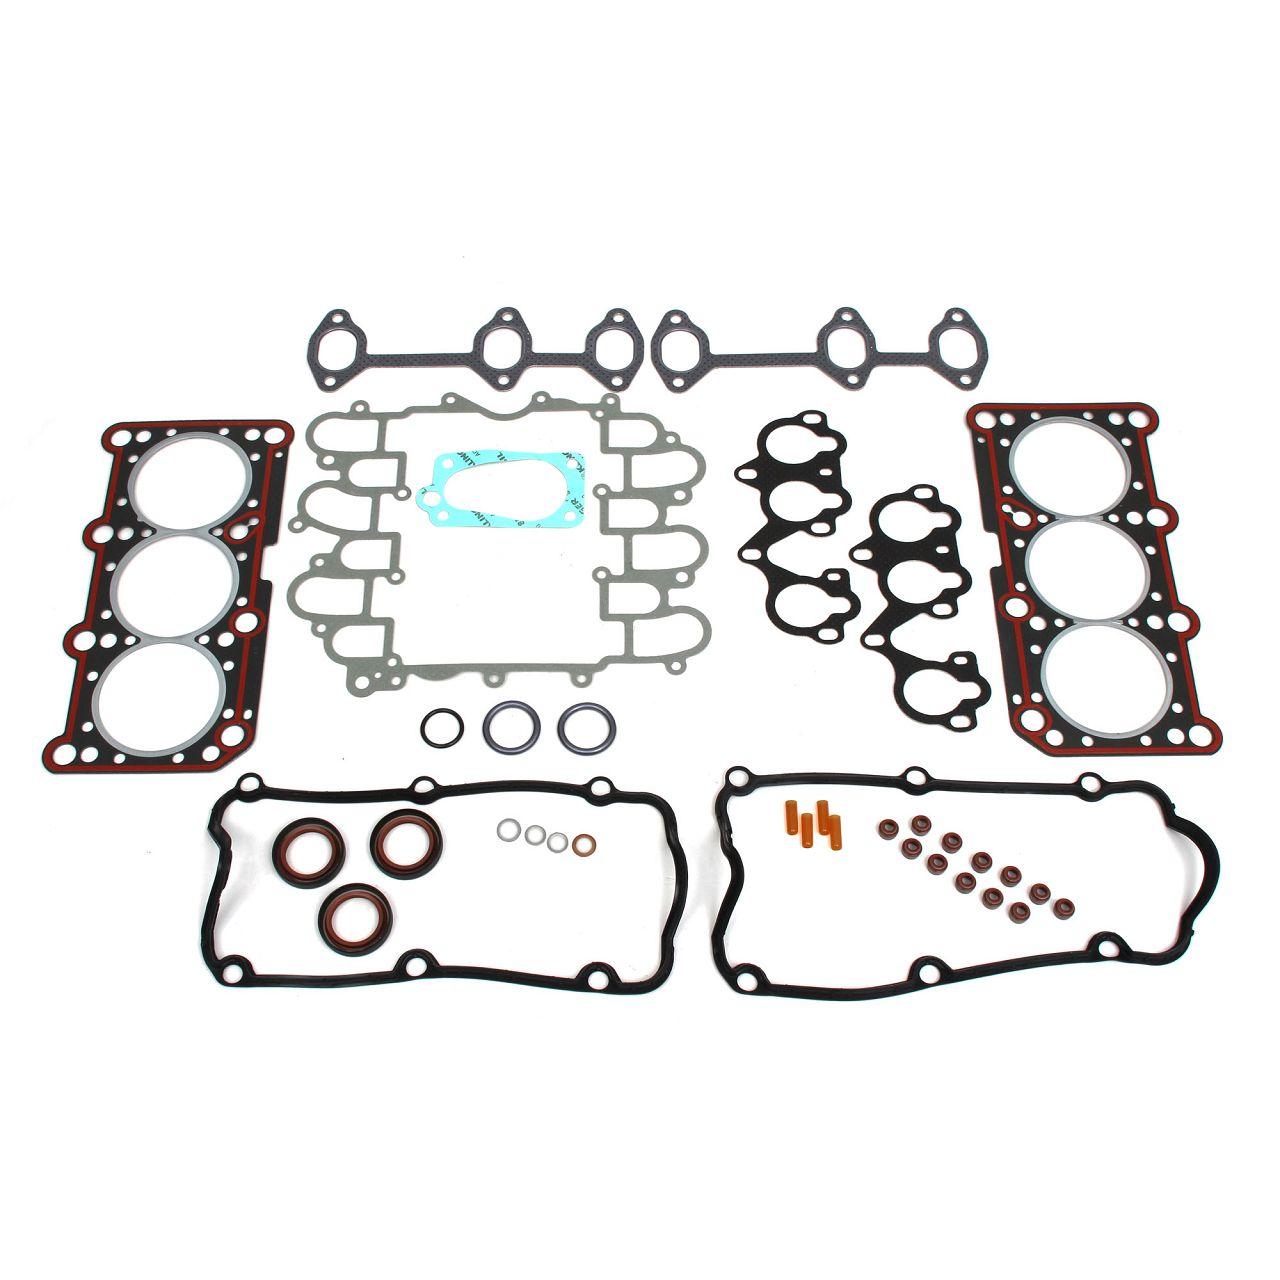 ELRING Zylinderkopfdichtung + Schraubensatz AUDI A4 (B5) A6 (C4) A8 (4D) 2.6 2.8